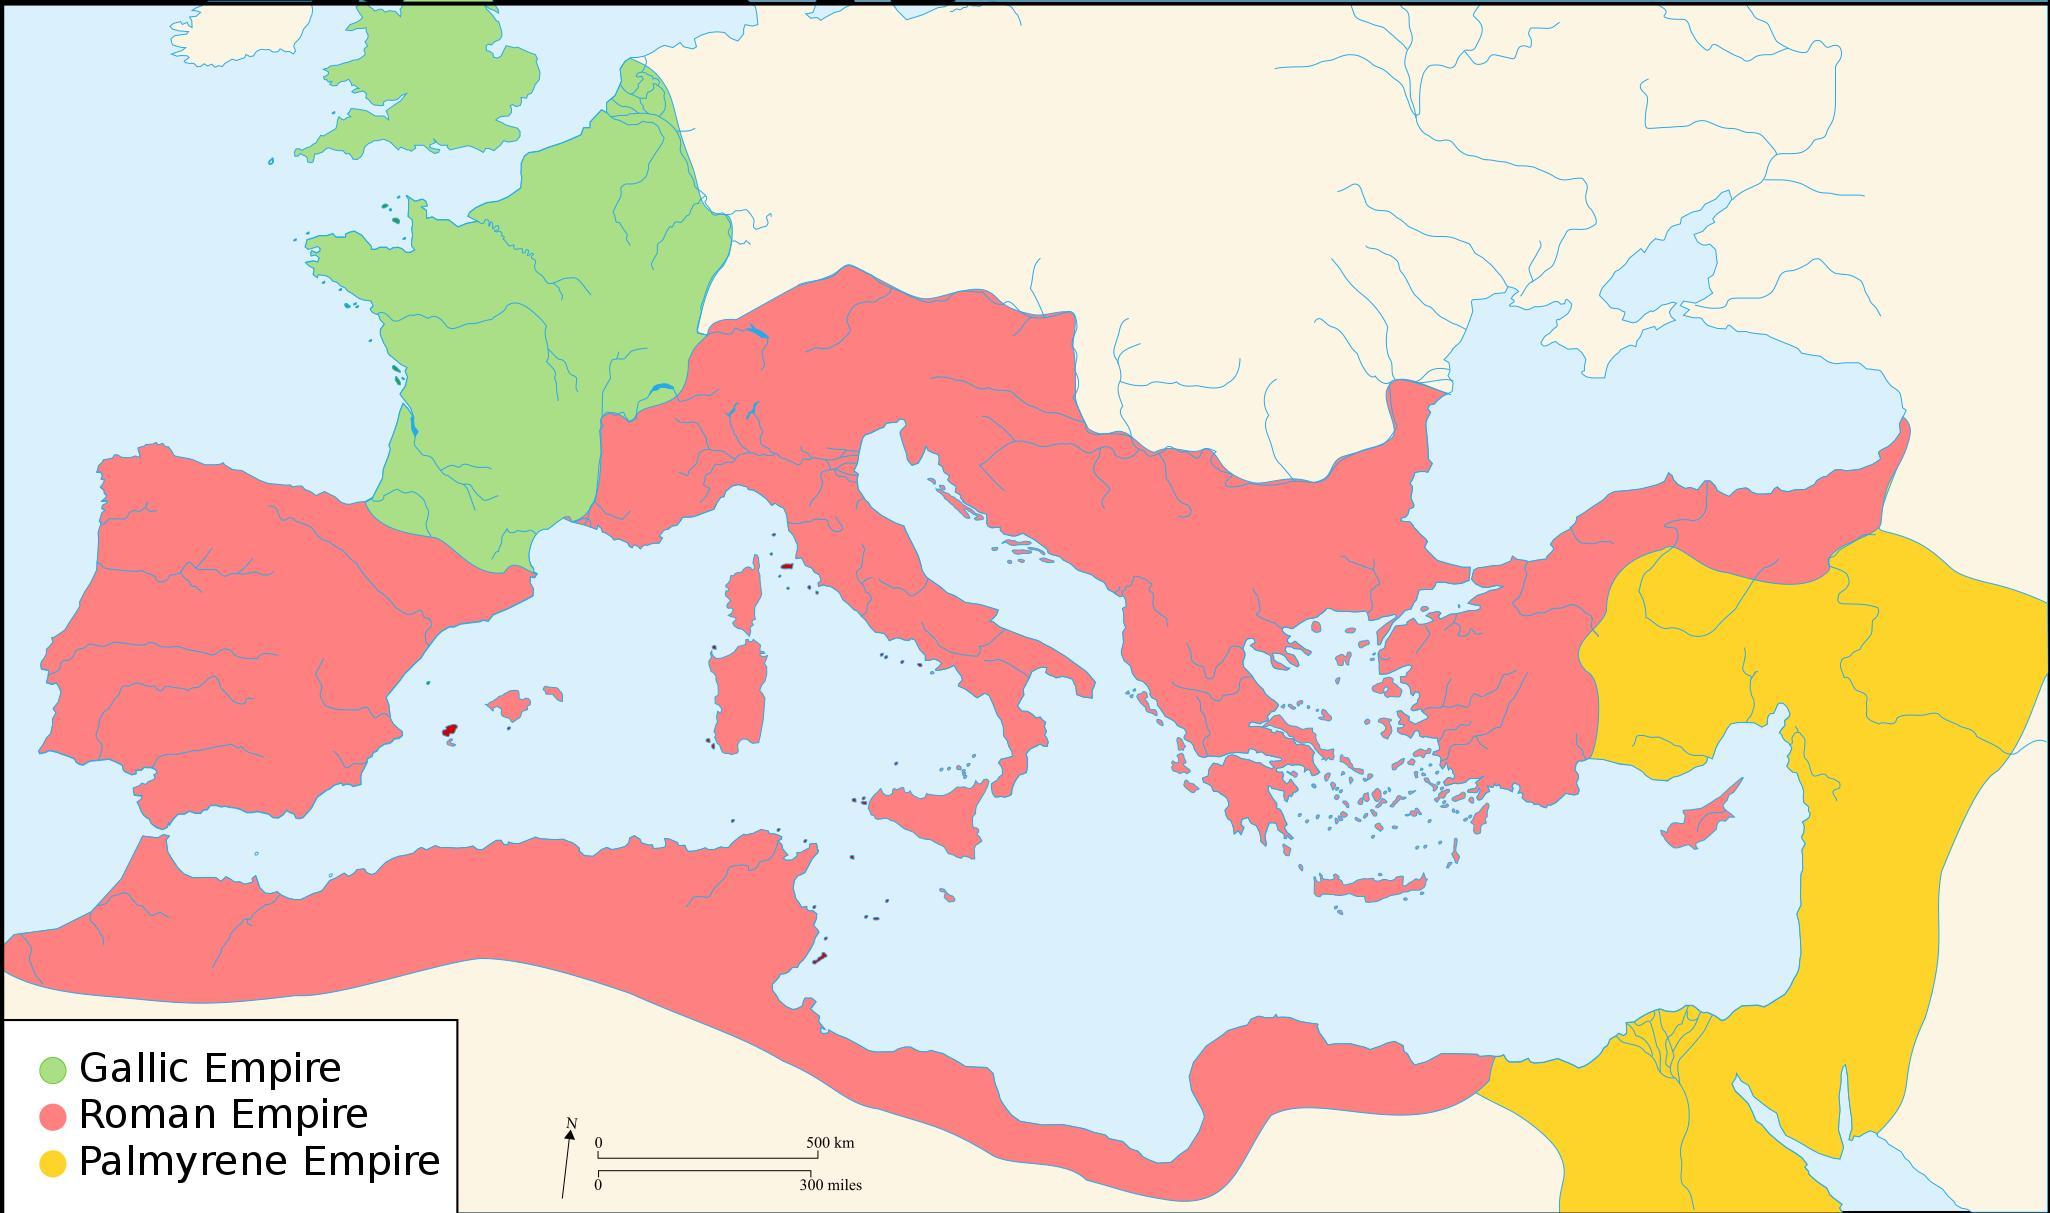 Mapa Starozytnej Grecji I Rzymie Starozytnej Grecji I Rzymie